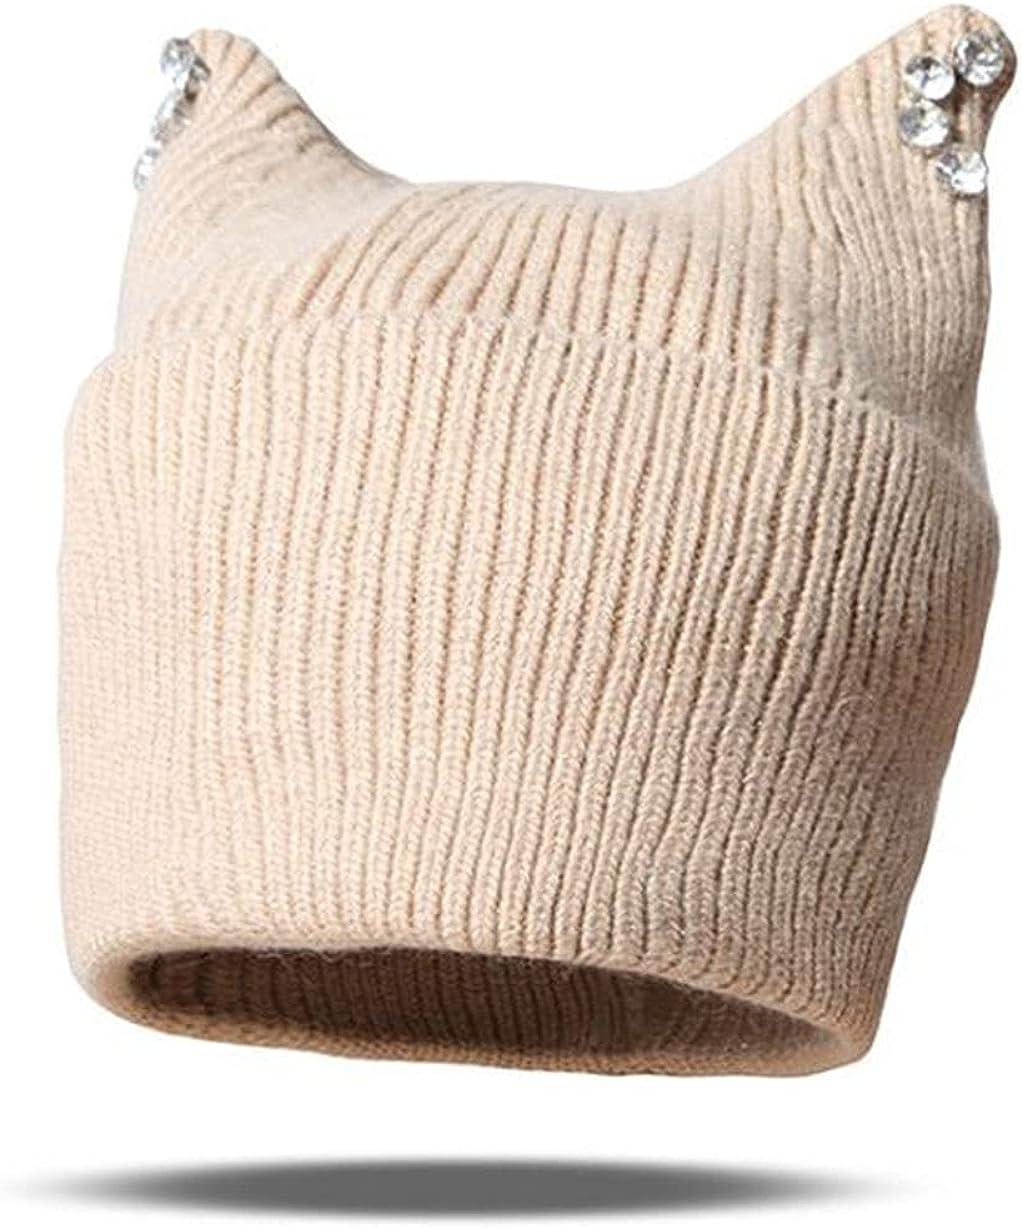 famous Knit Beanie Hats for Women Cute Warm Philadelphia Mall Eares Winter Cat Croch